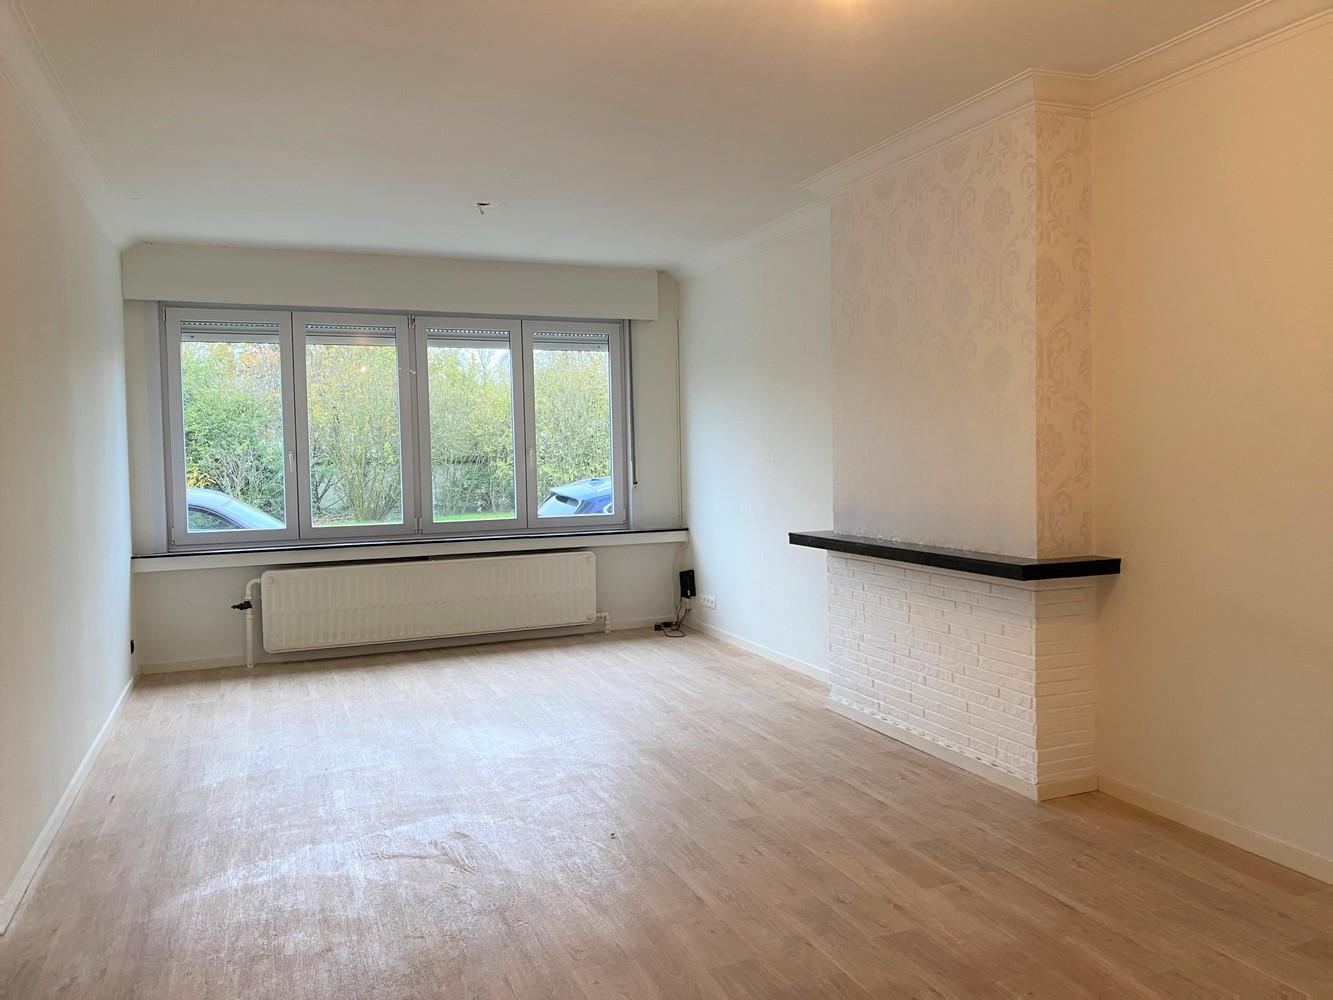 Gerenoveerd, gelijkvloers appartement met 2 slaapkamers en ruime tuin (94m²) in Antwerpen! afbeelding 8